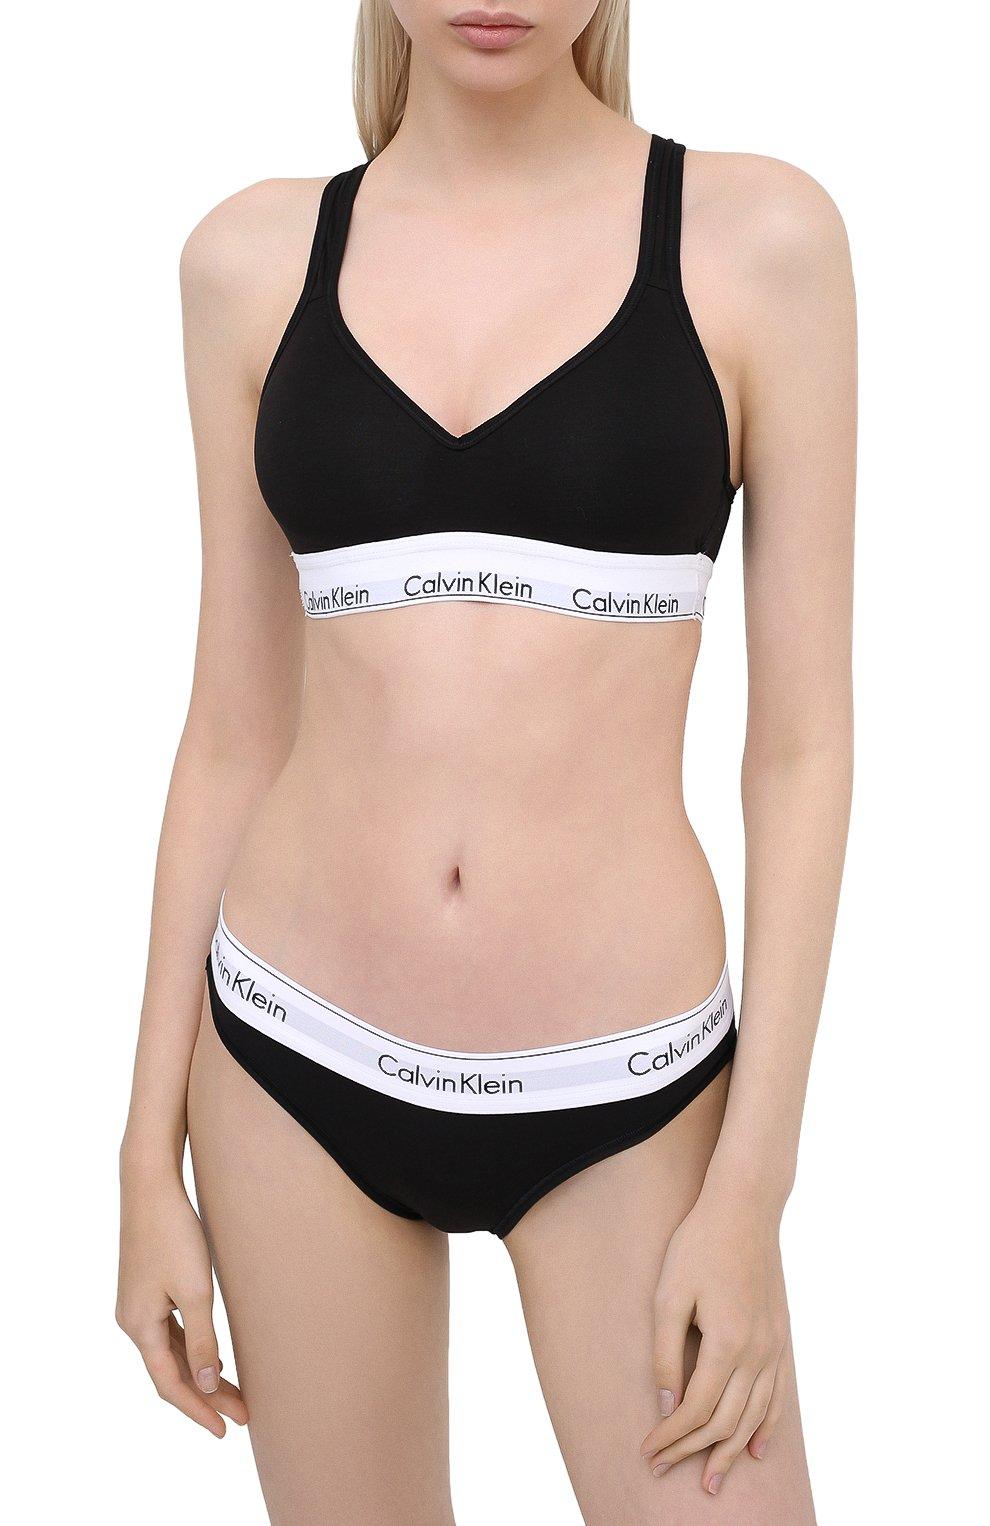 Женское белье calvin klein купить в интернет магазине нижнее женское белье колготки